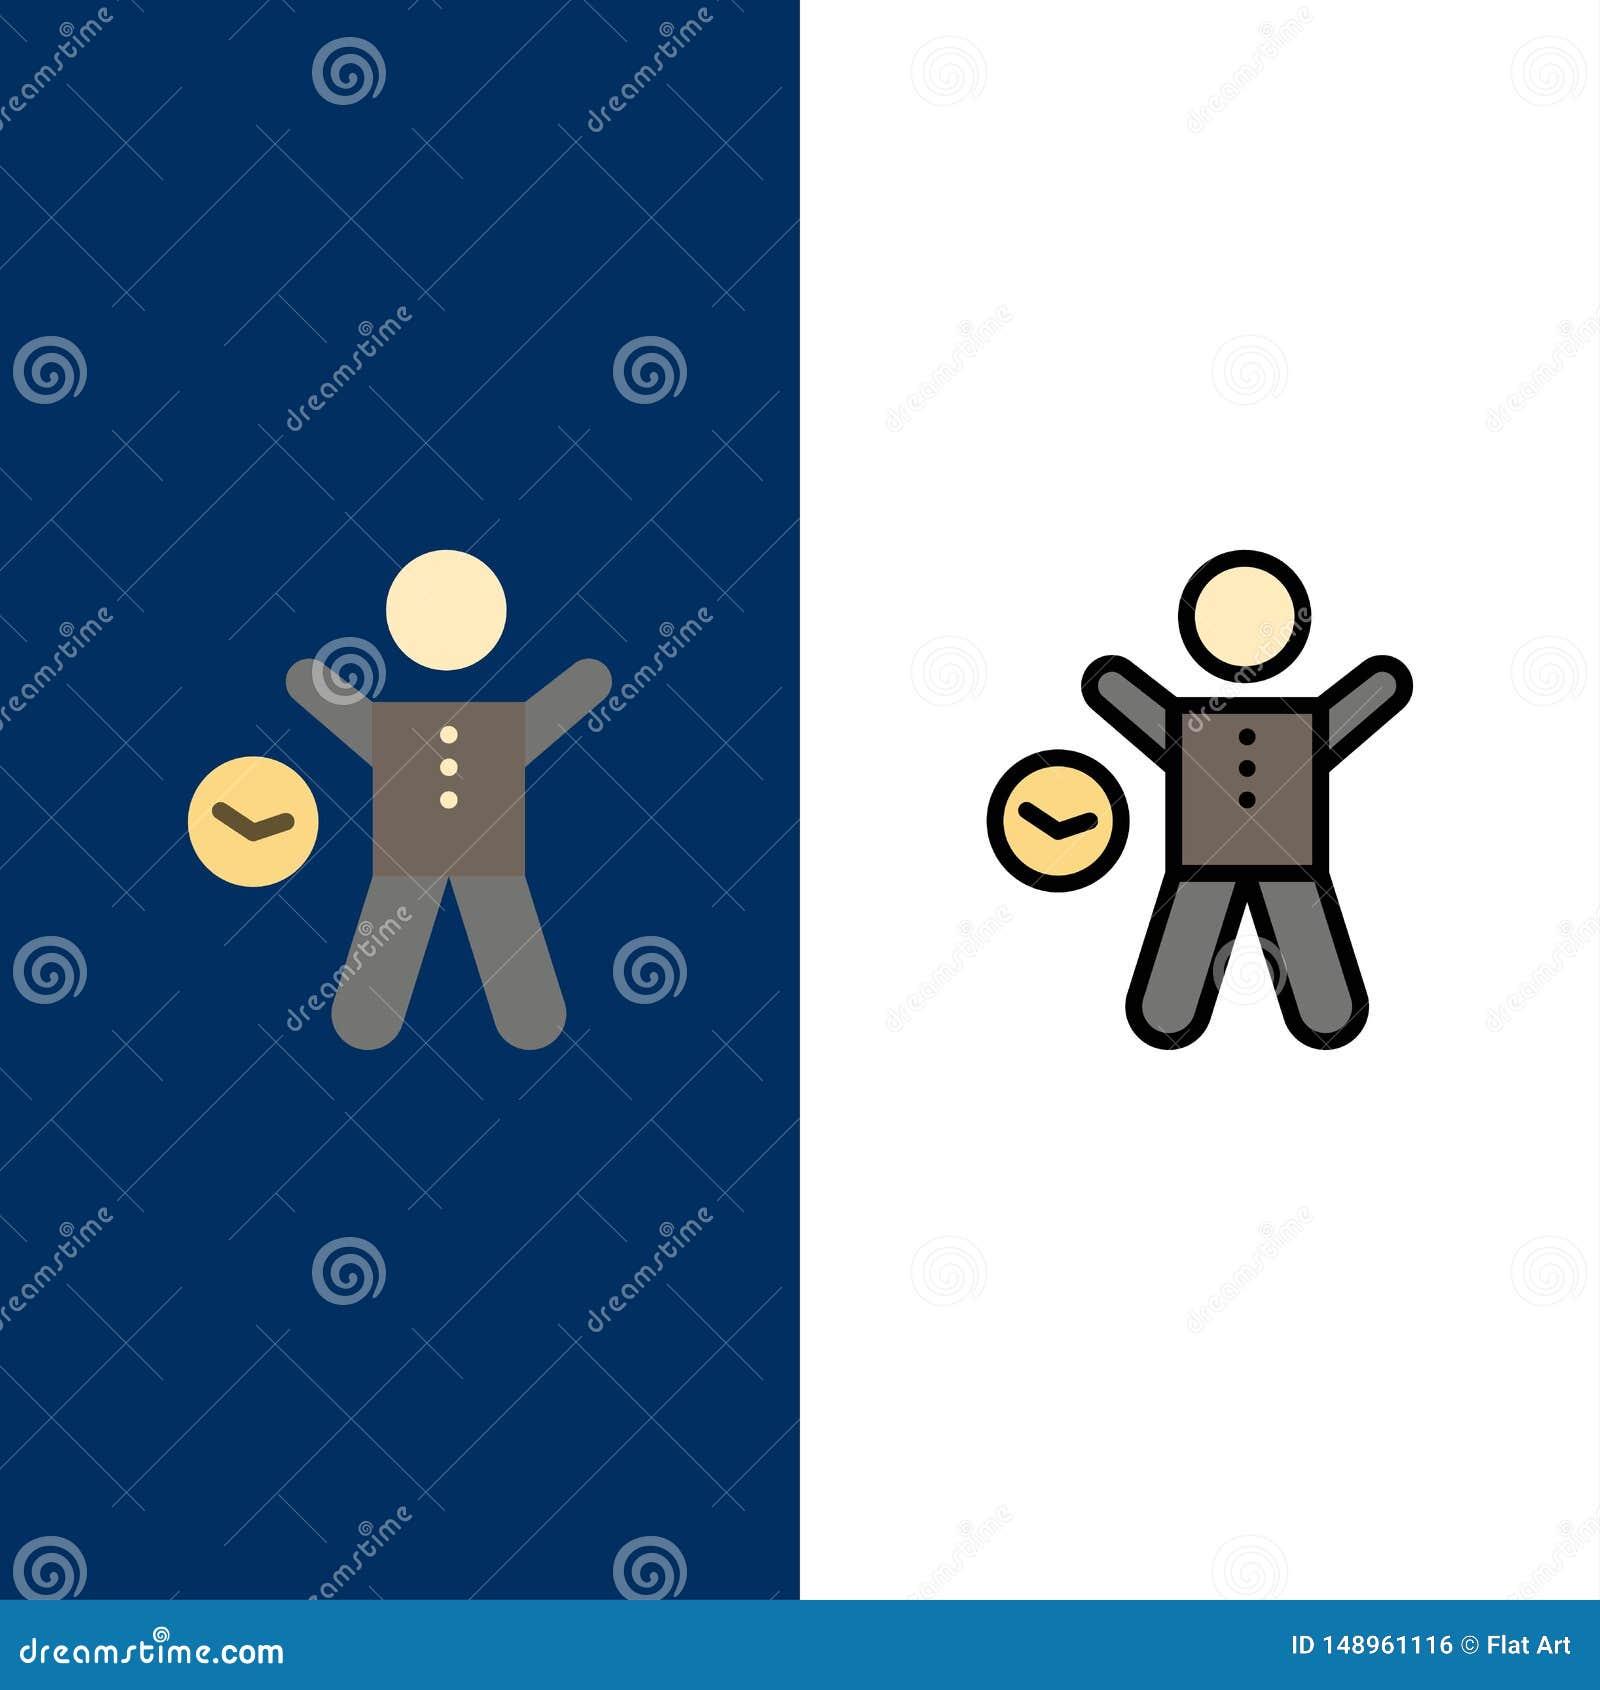 Exercice Gym Temps Sante Icones De L Homme Arriere Plan Bleu Vectoriel De L Ensemble D Icones A Plat Et A Ligne Illustration De Vecteur Illustration Du Temps Ligne 148961116